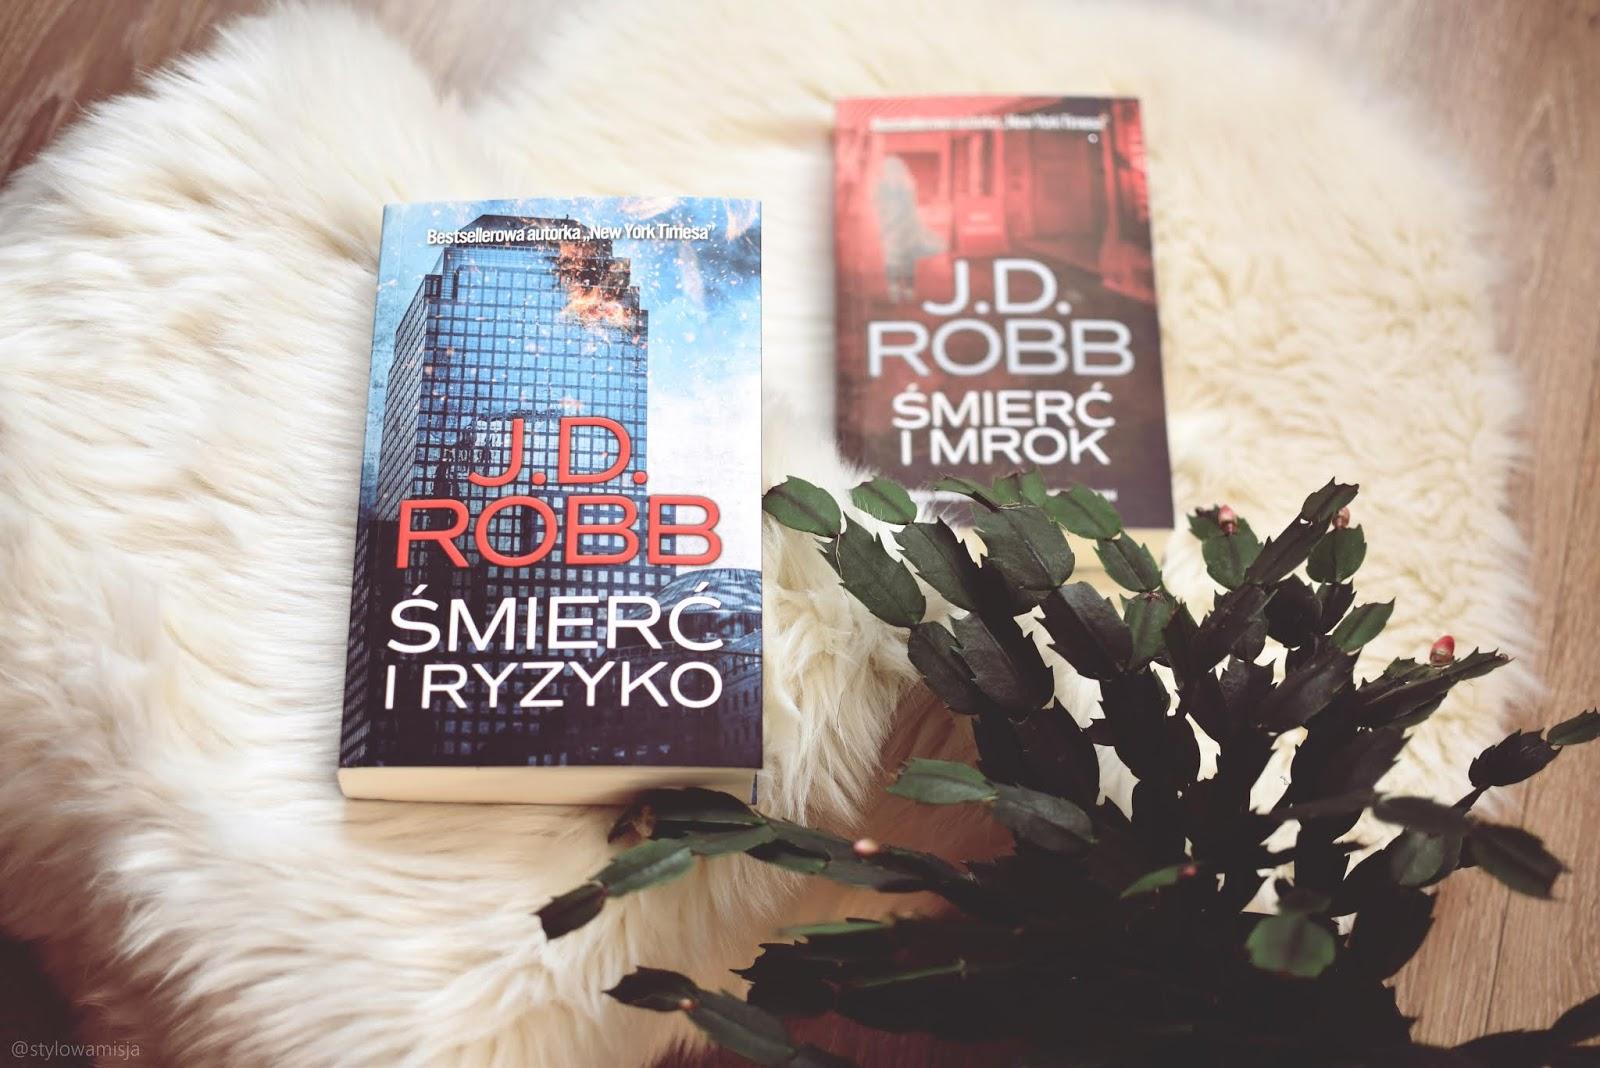 J.D.Robb, kryminał, NoraRoberts, NowyJork, opowiadanie, recenzja, ŚmierćIMrok, ŚmierćIRyzyko, WydawnictwoEdipresse,